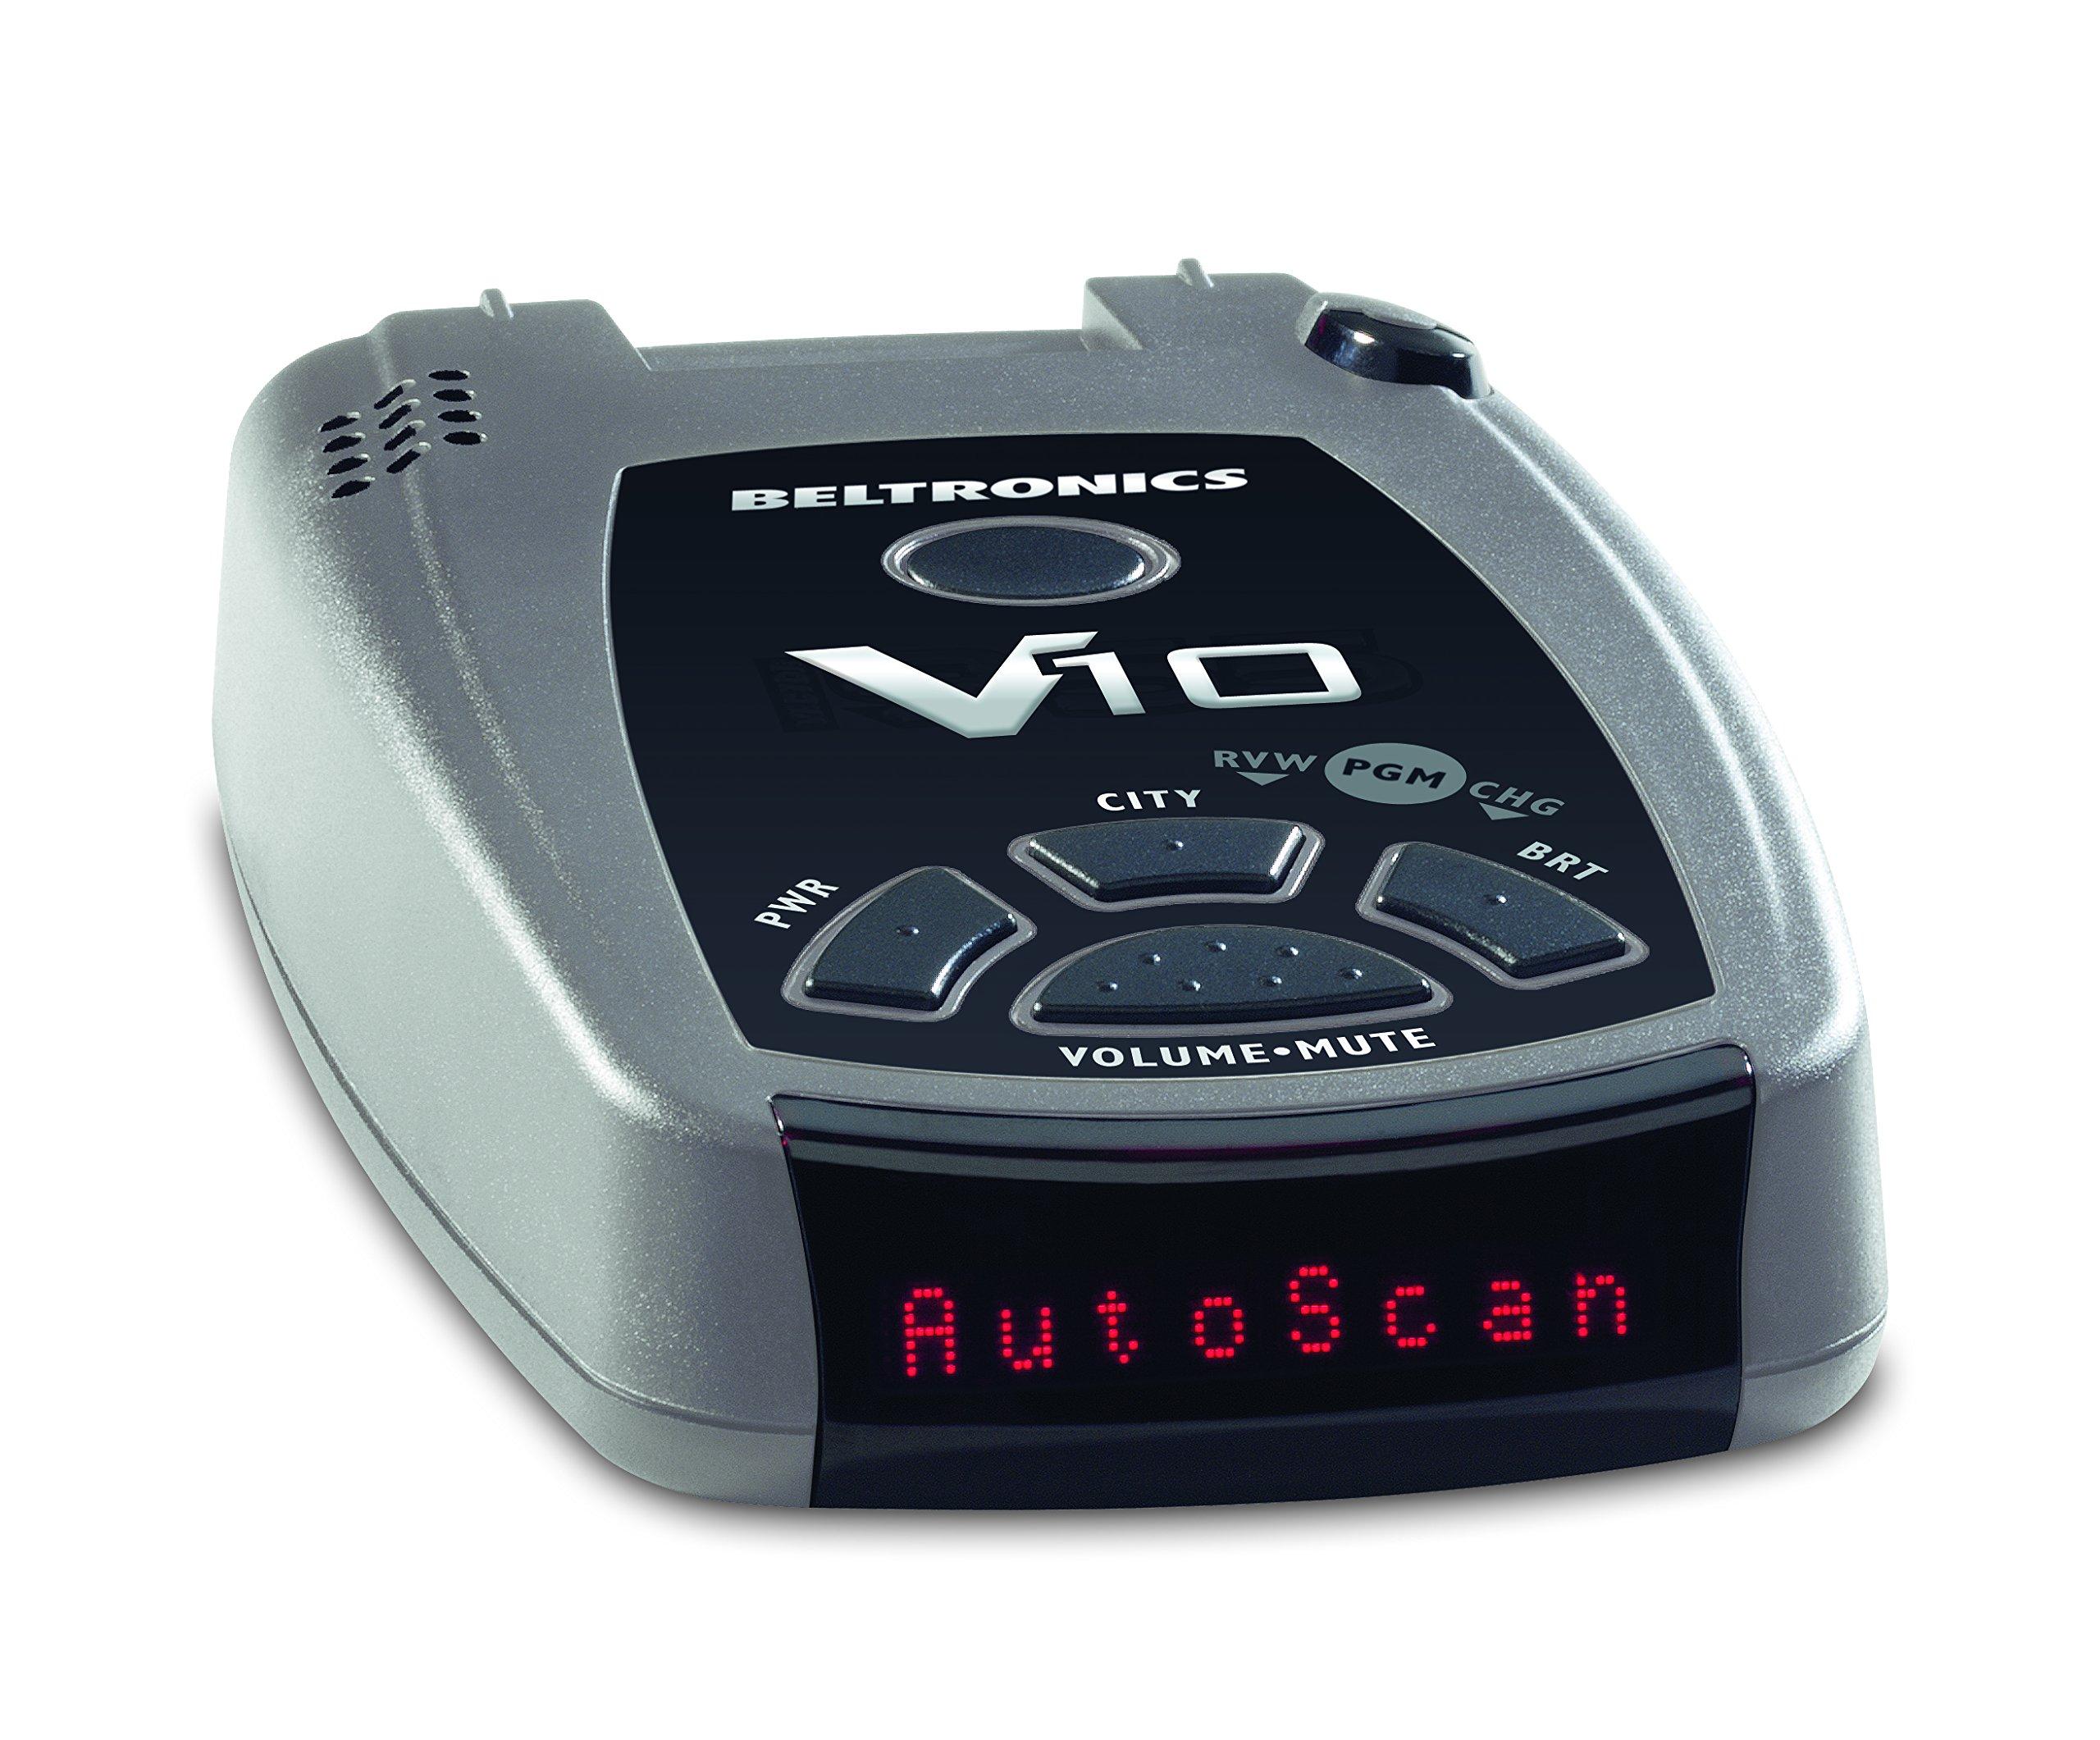 Beltronics V10 Radar/Laser Detector